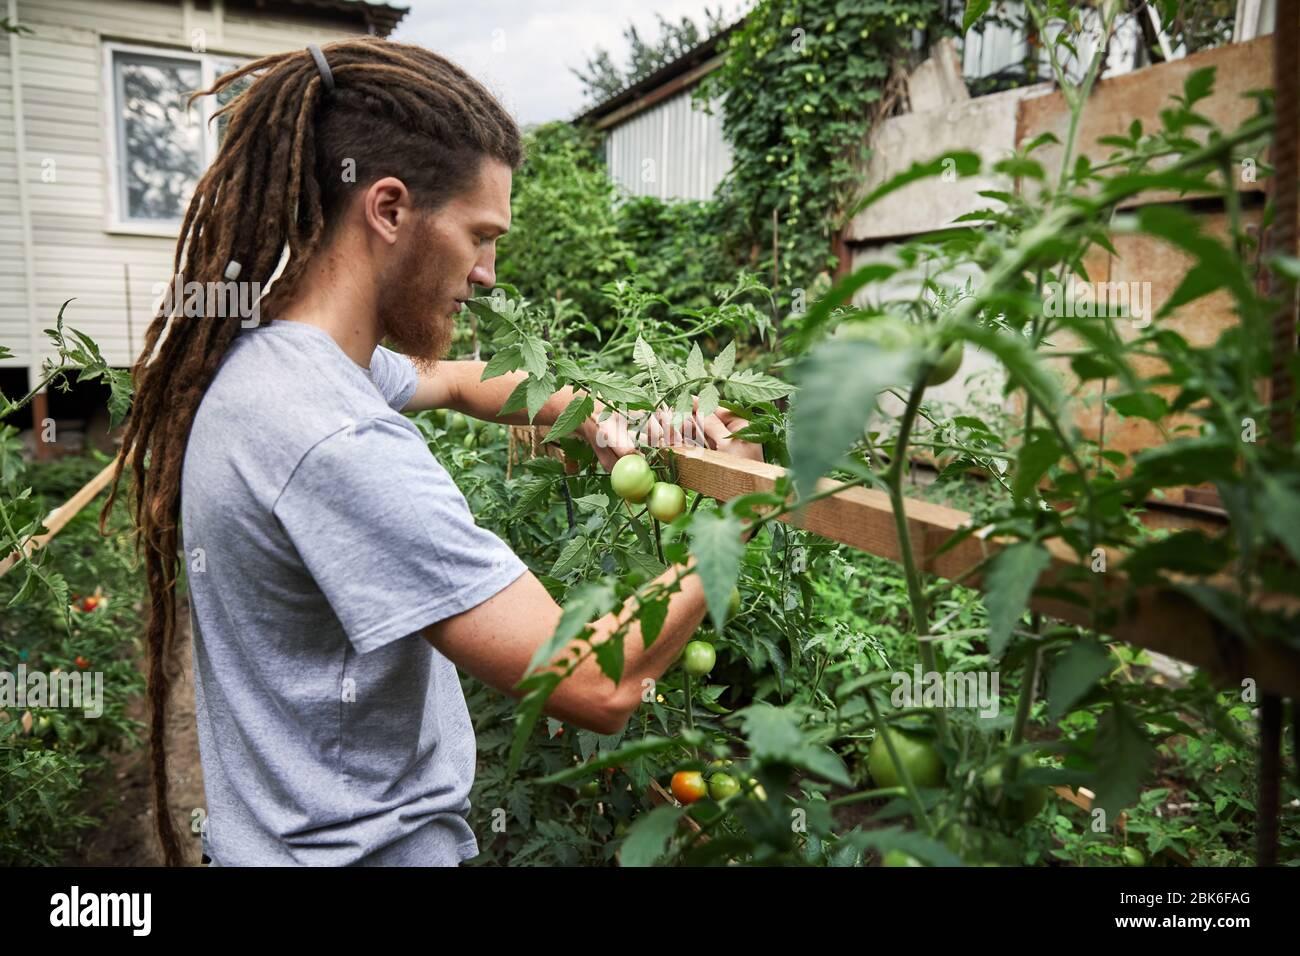 Agricultor barbudo con dreadlocks está trabajando en el jardín en el patio de su casa. La agricultura natural y el concepto de alimentación saludable Foto de stock